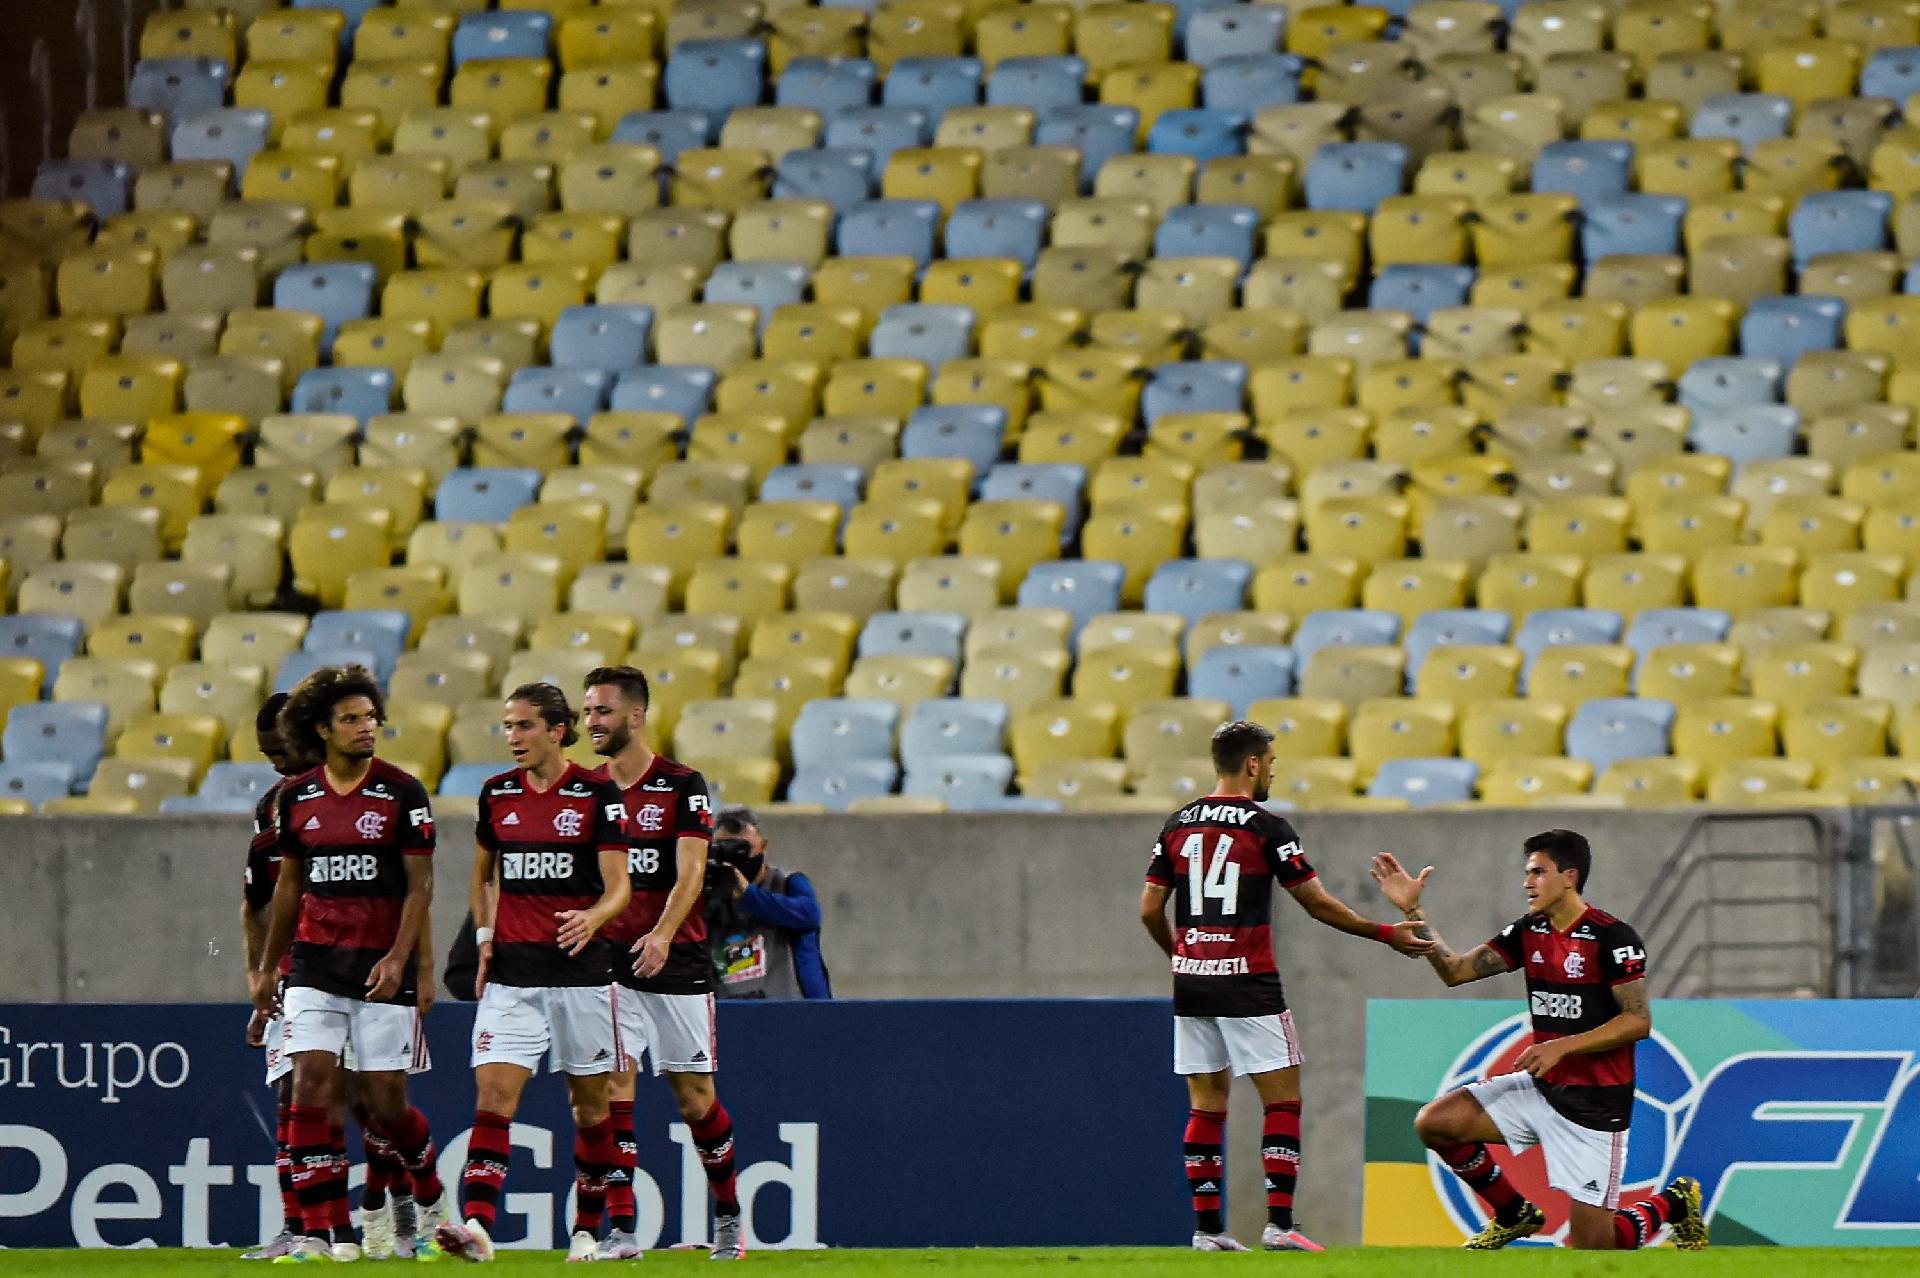 Globo Rescinde Com Clubes Do Carioca Apos Briga Com Flamengo Veja A Carta